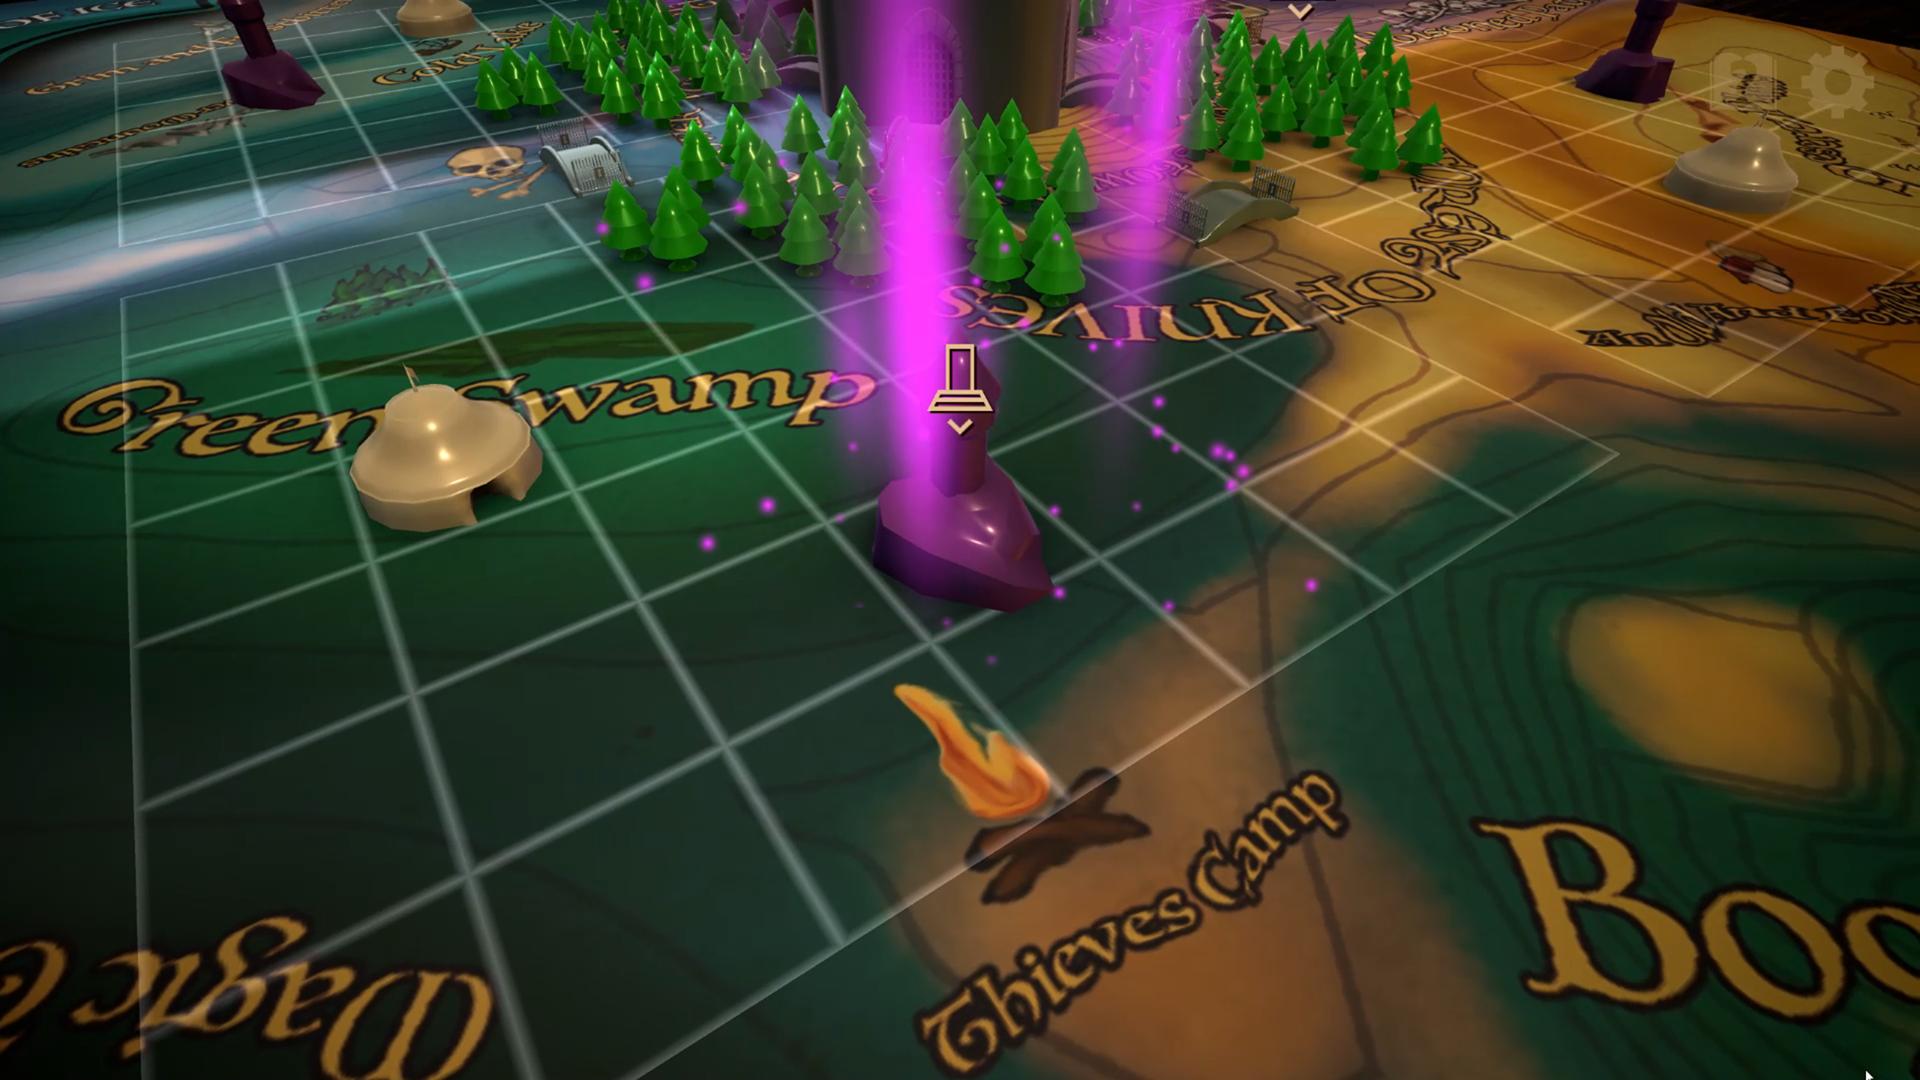 Vulgord's Tower Cast a Spell